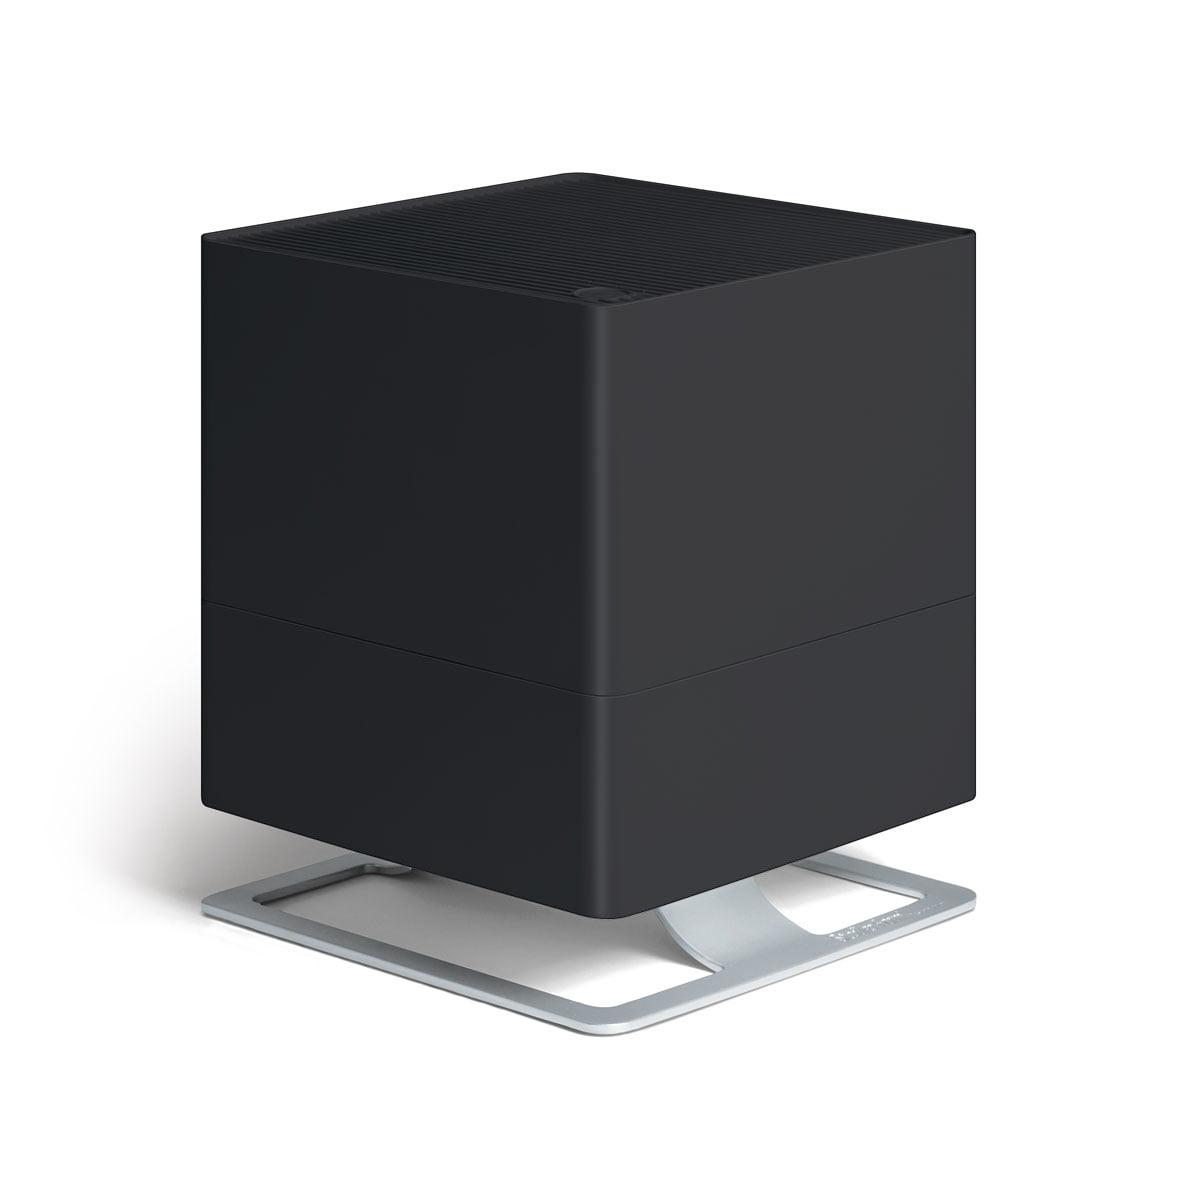 luftbefeucher oskar von stadler form. Black Bedroom Furniture Sets. Home Design Ideas